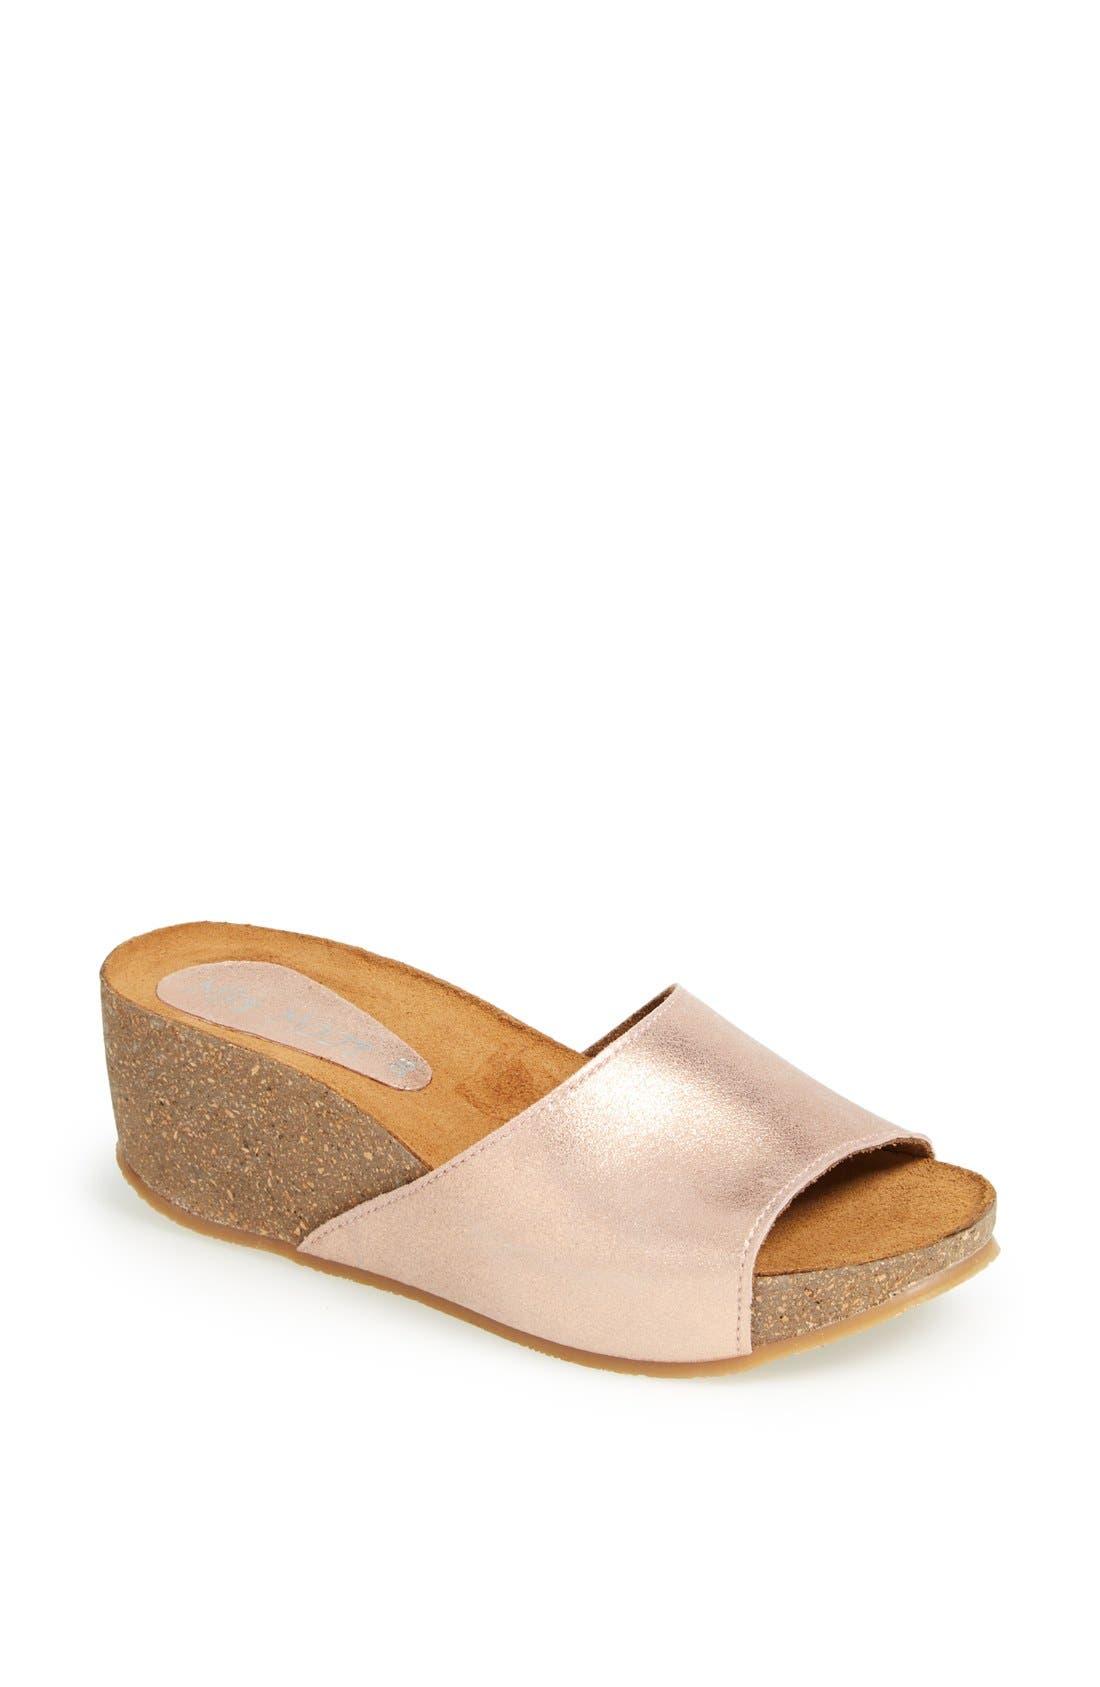 Alternate Image 1 Selected - Miz Mooz 'Enid' Slide Sandal